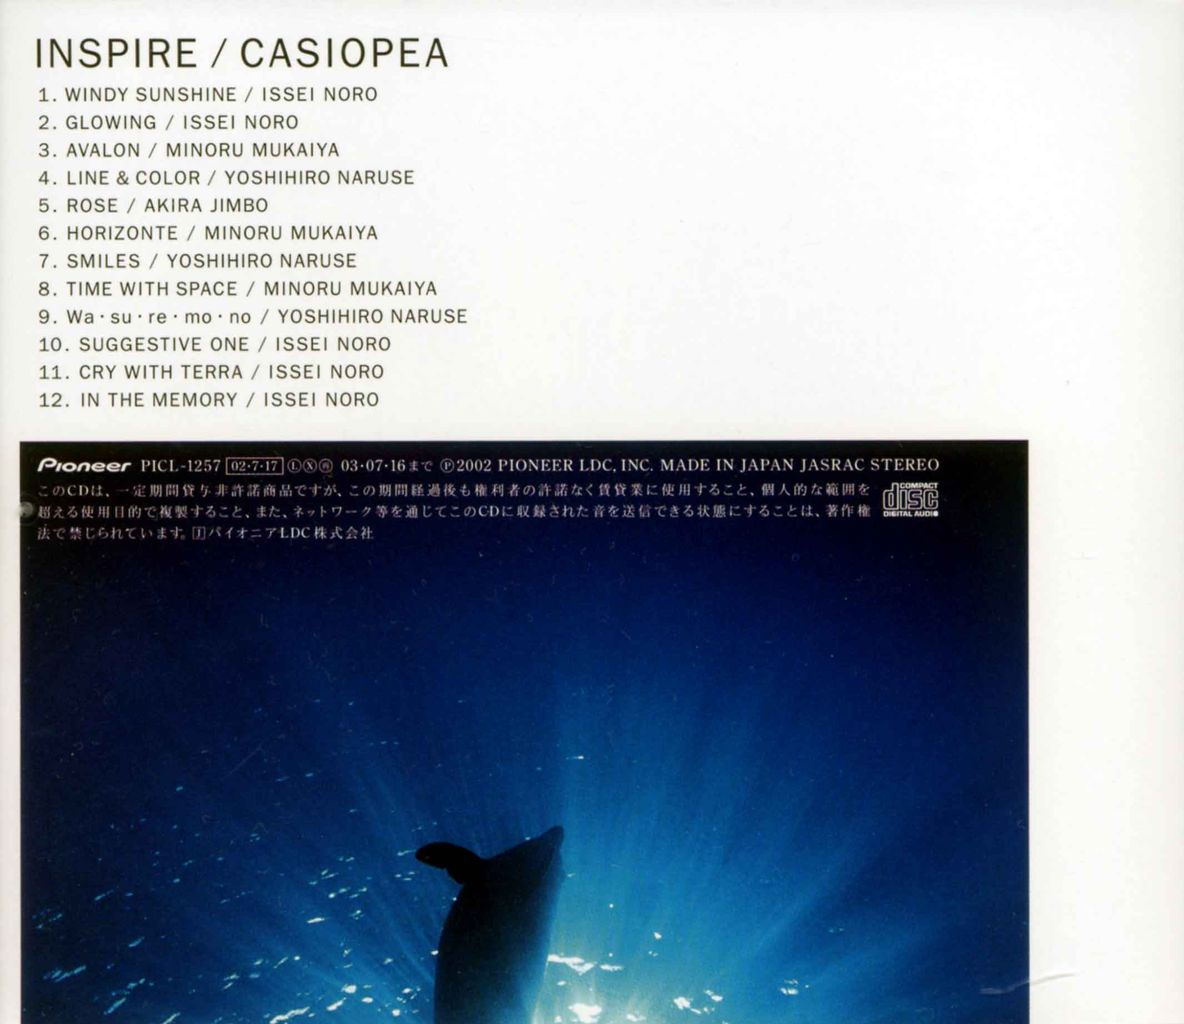 INSPIRE-2